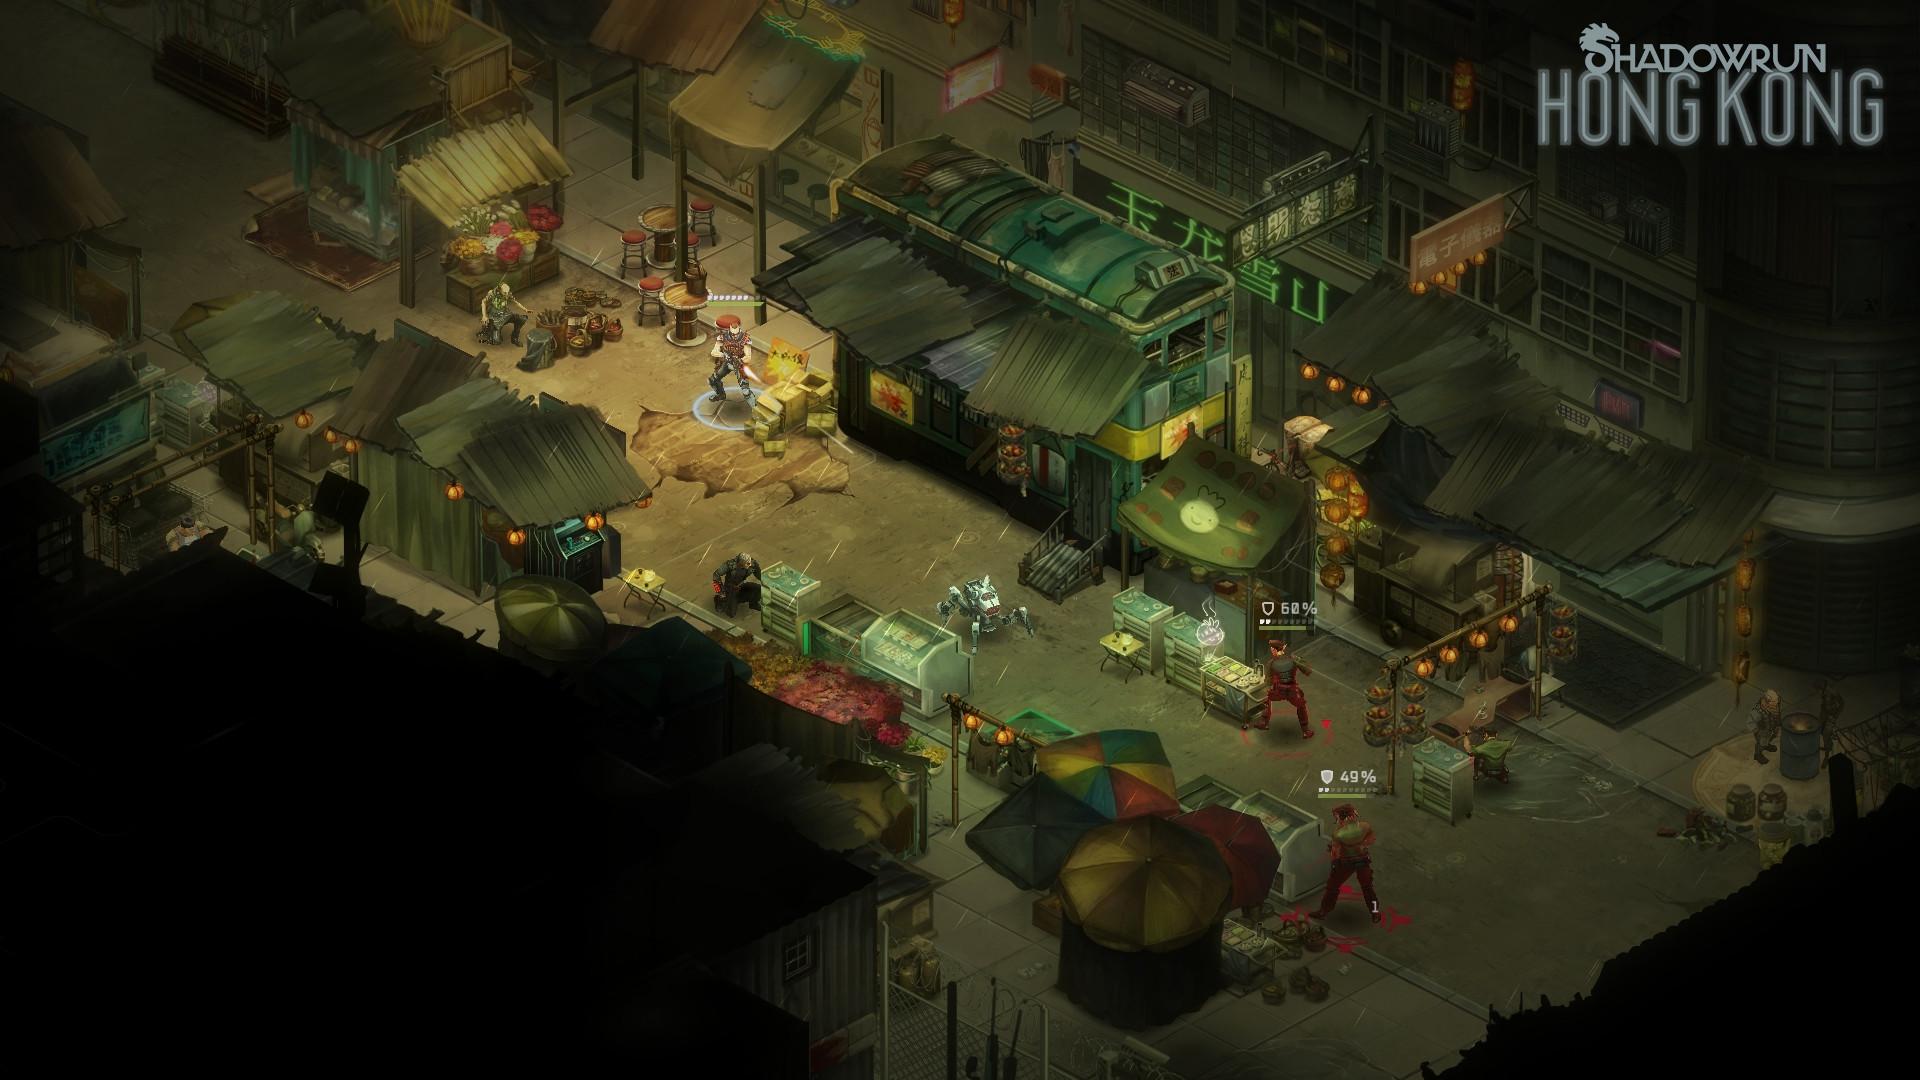 Shadowrun Hong Kong Setup Free Download